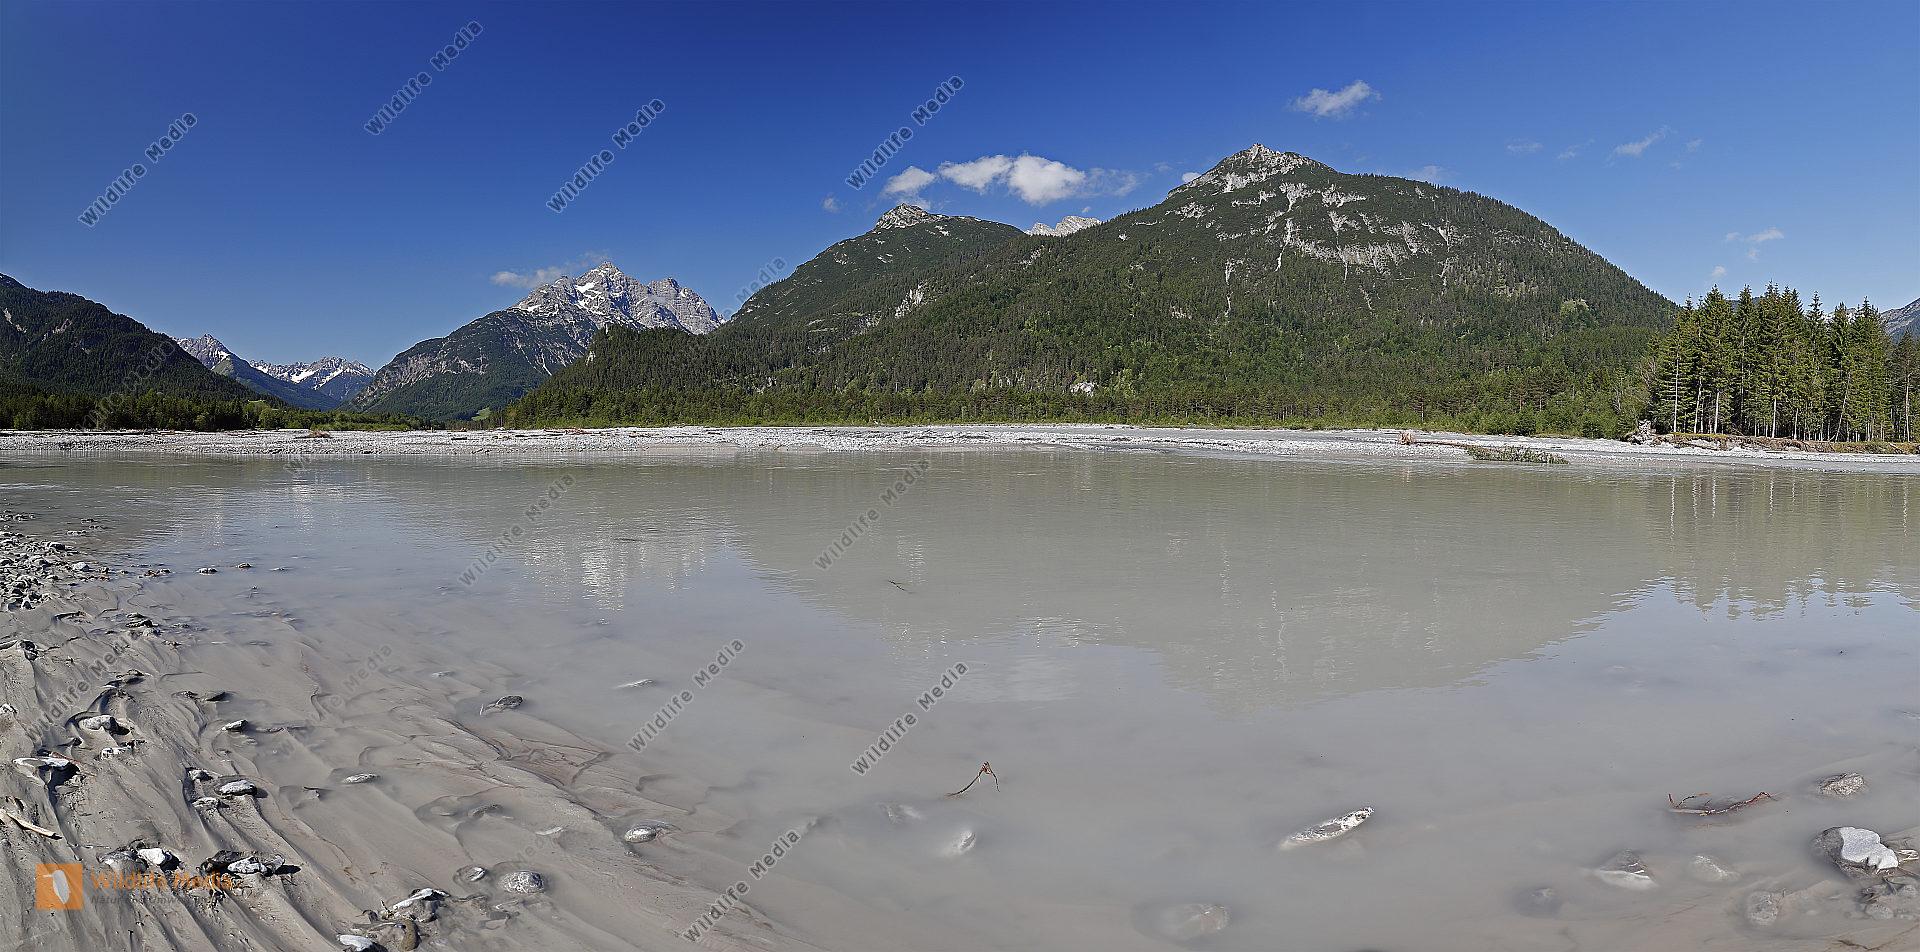 Tiroler Lechtal Panorama